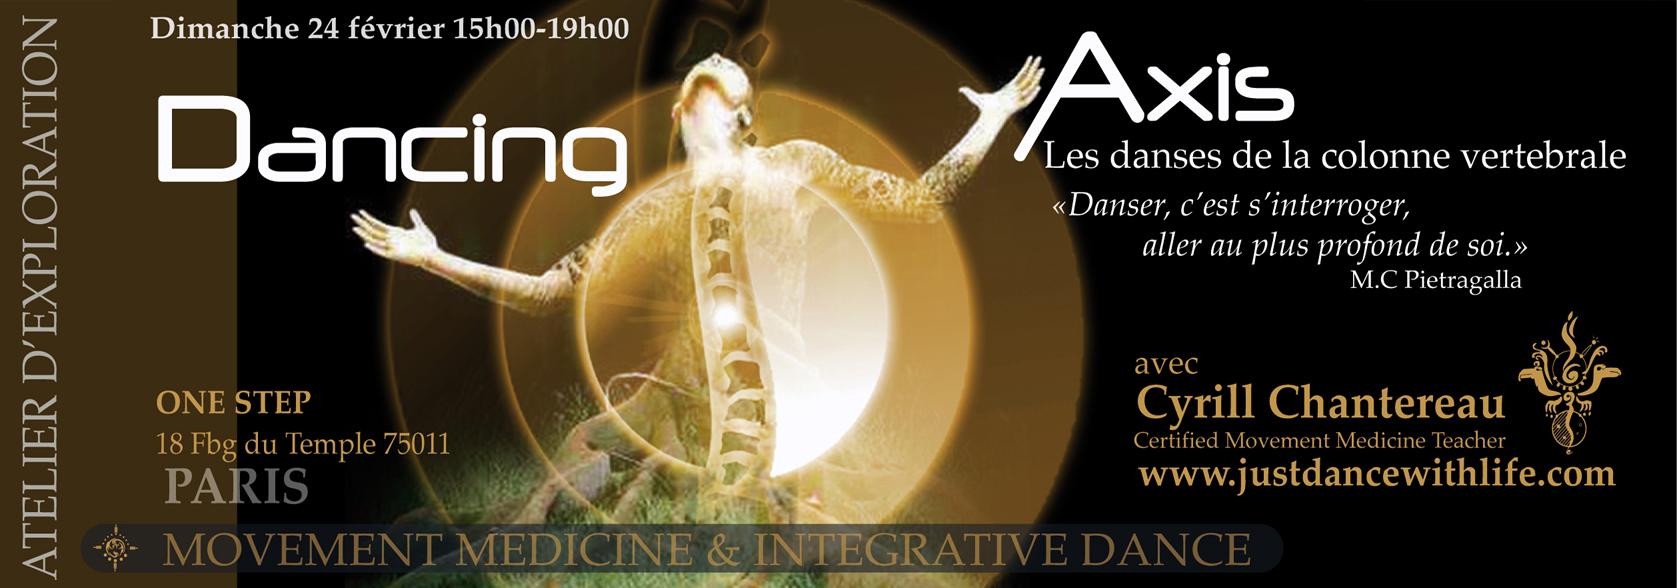 Danse Médecine – Dancing Axis 24/02/19